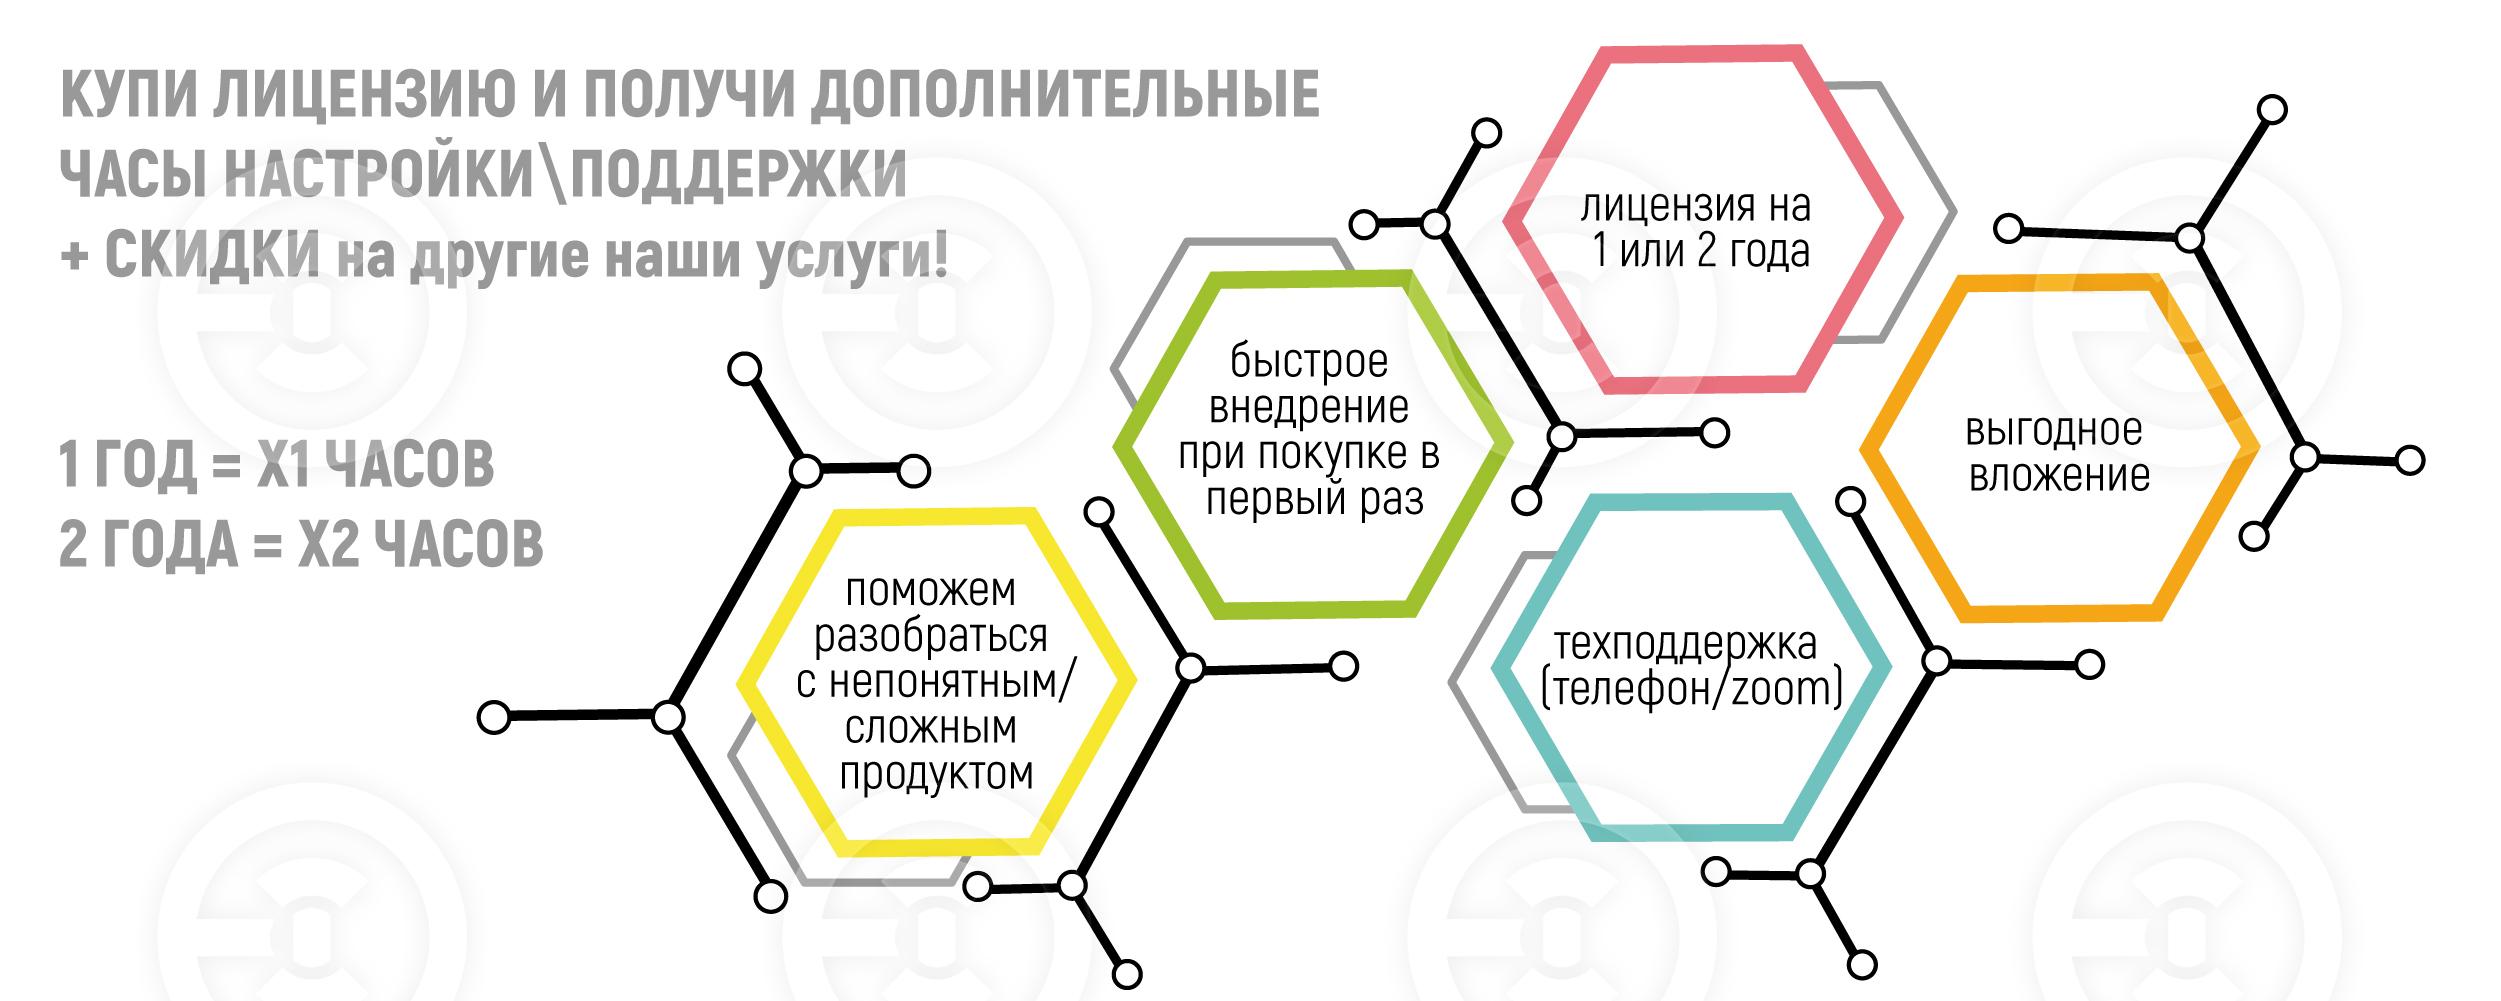 ИНФОГРАФИКА БИИТРИКС-02.jpg